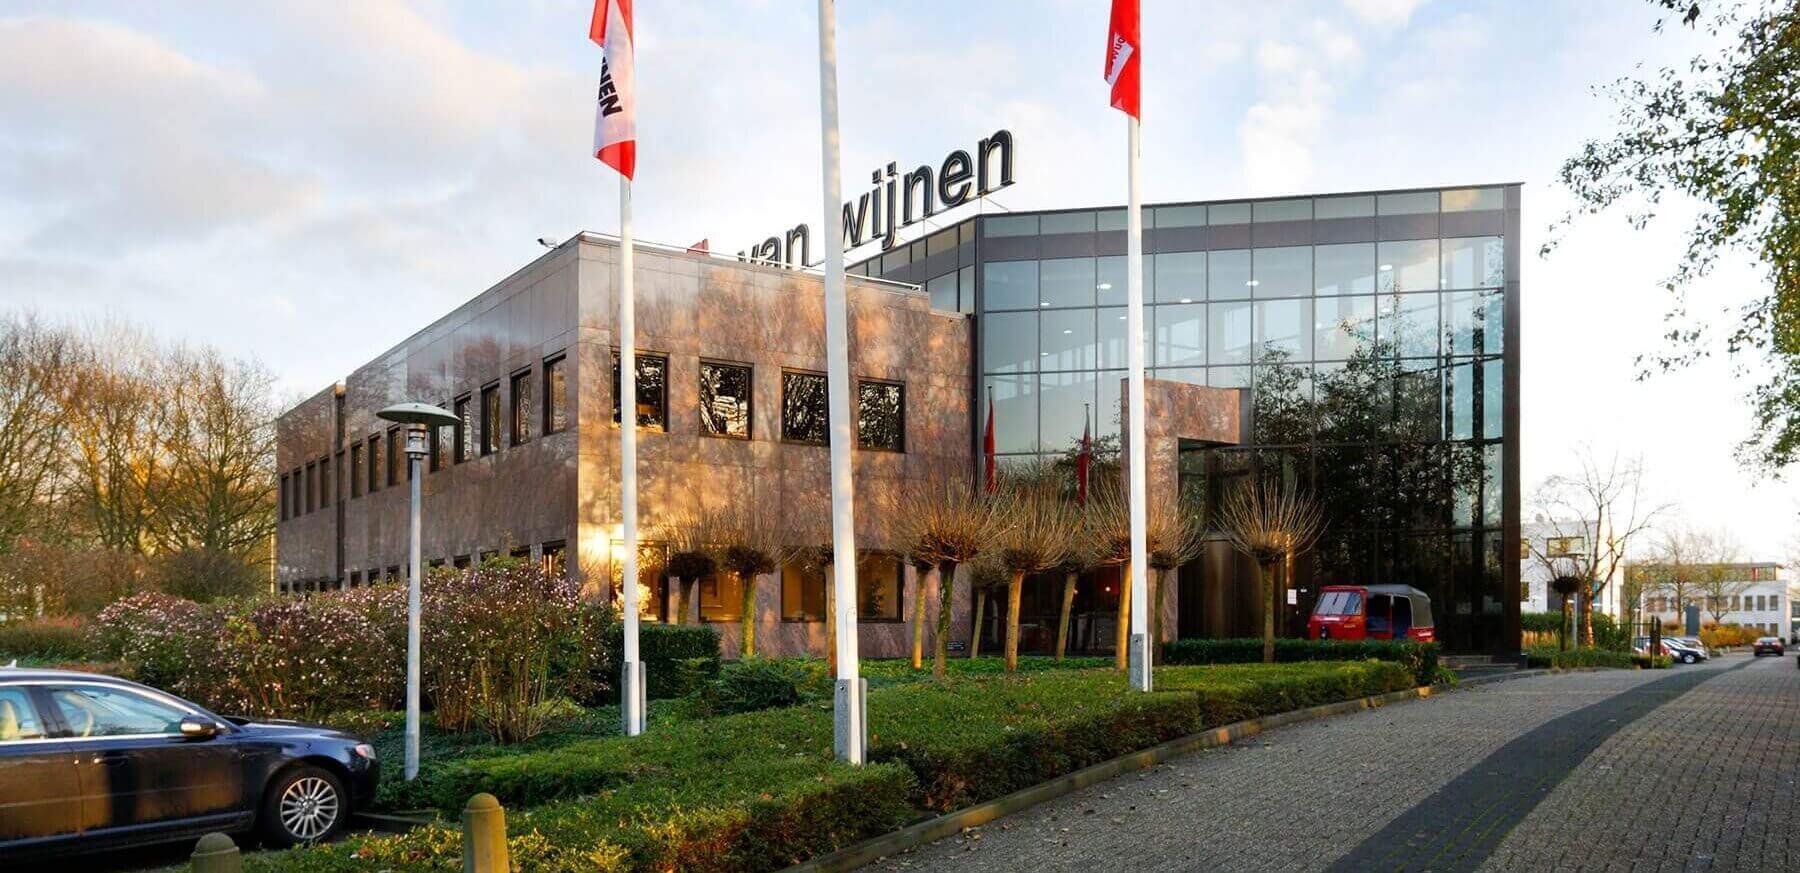 Hoodkantoor Van Wijnen in Baarn